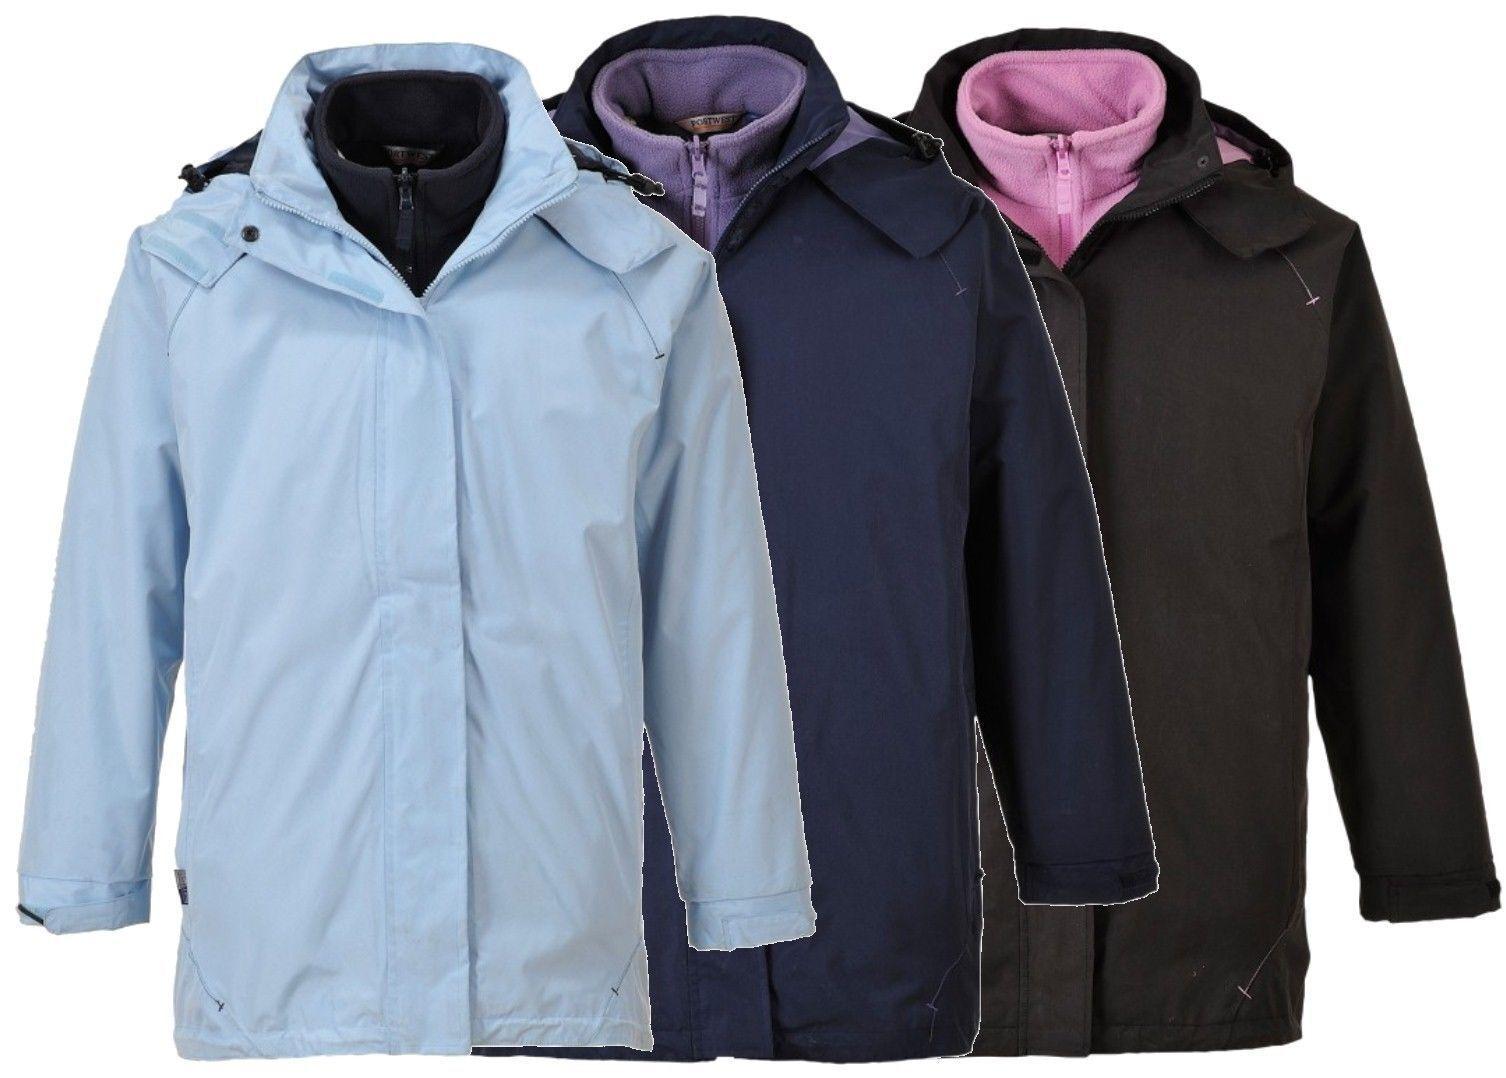 Portwest S571 Elgin 3 in 1 Ladies Jacket Waterproof Workwear